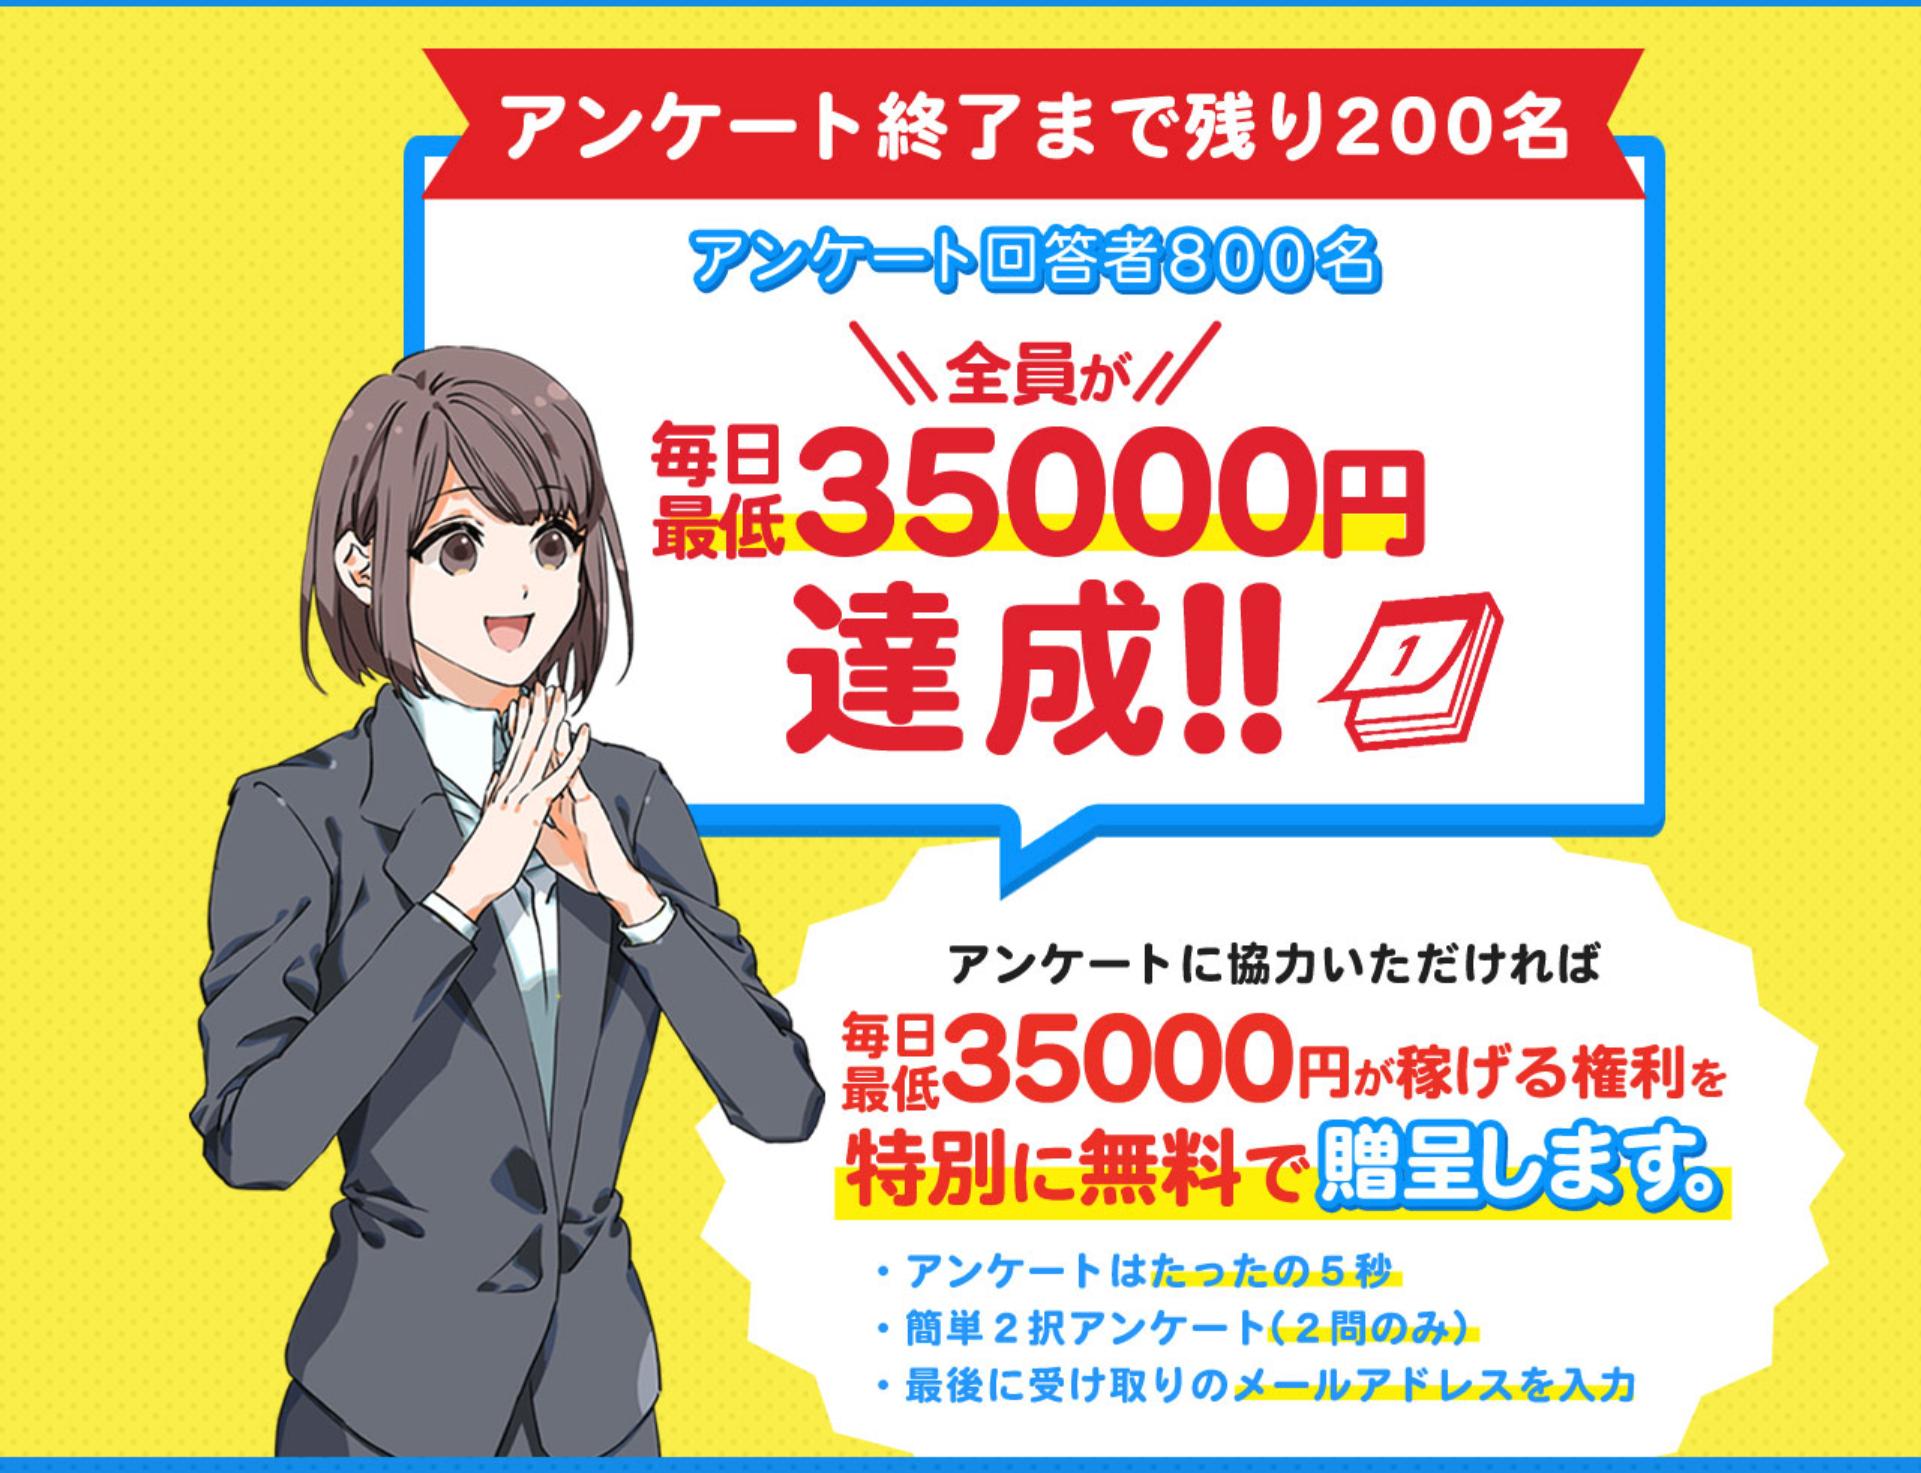 水谷雄一郎 毎日最低35000円が稼げる権利って一体なに?稼げるのか? 評判 口コミ 詐欺 返金 ネットビジネス裁判官が独自の視点で検証していきます。